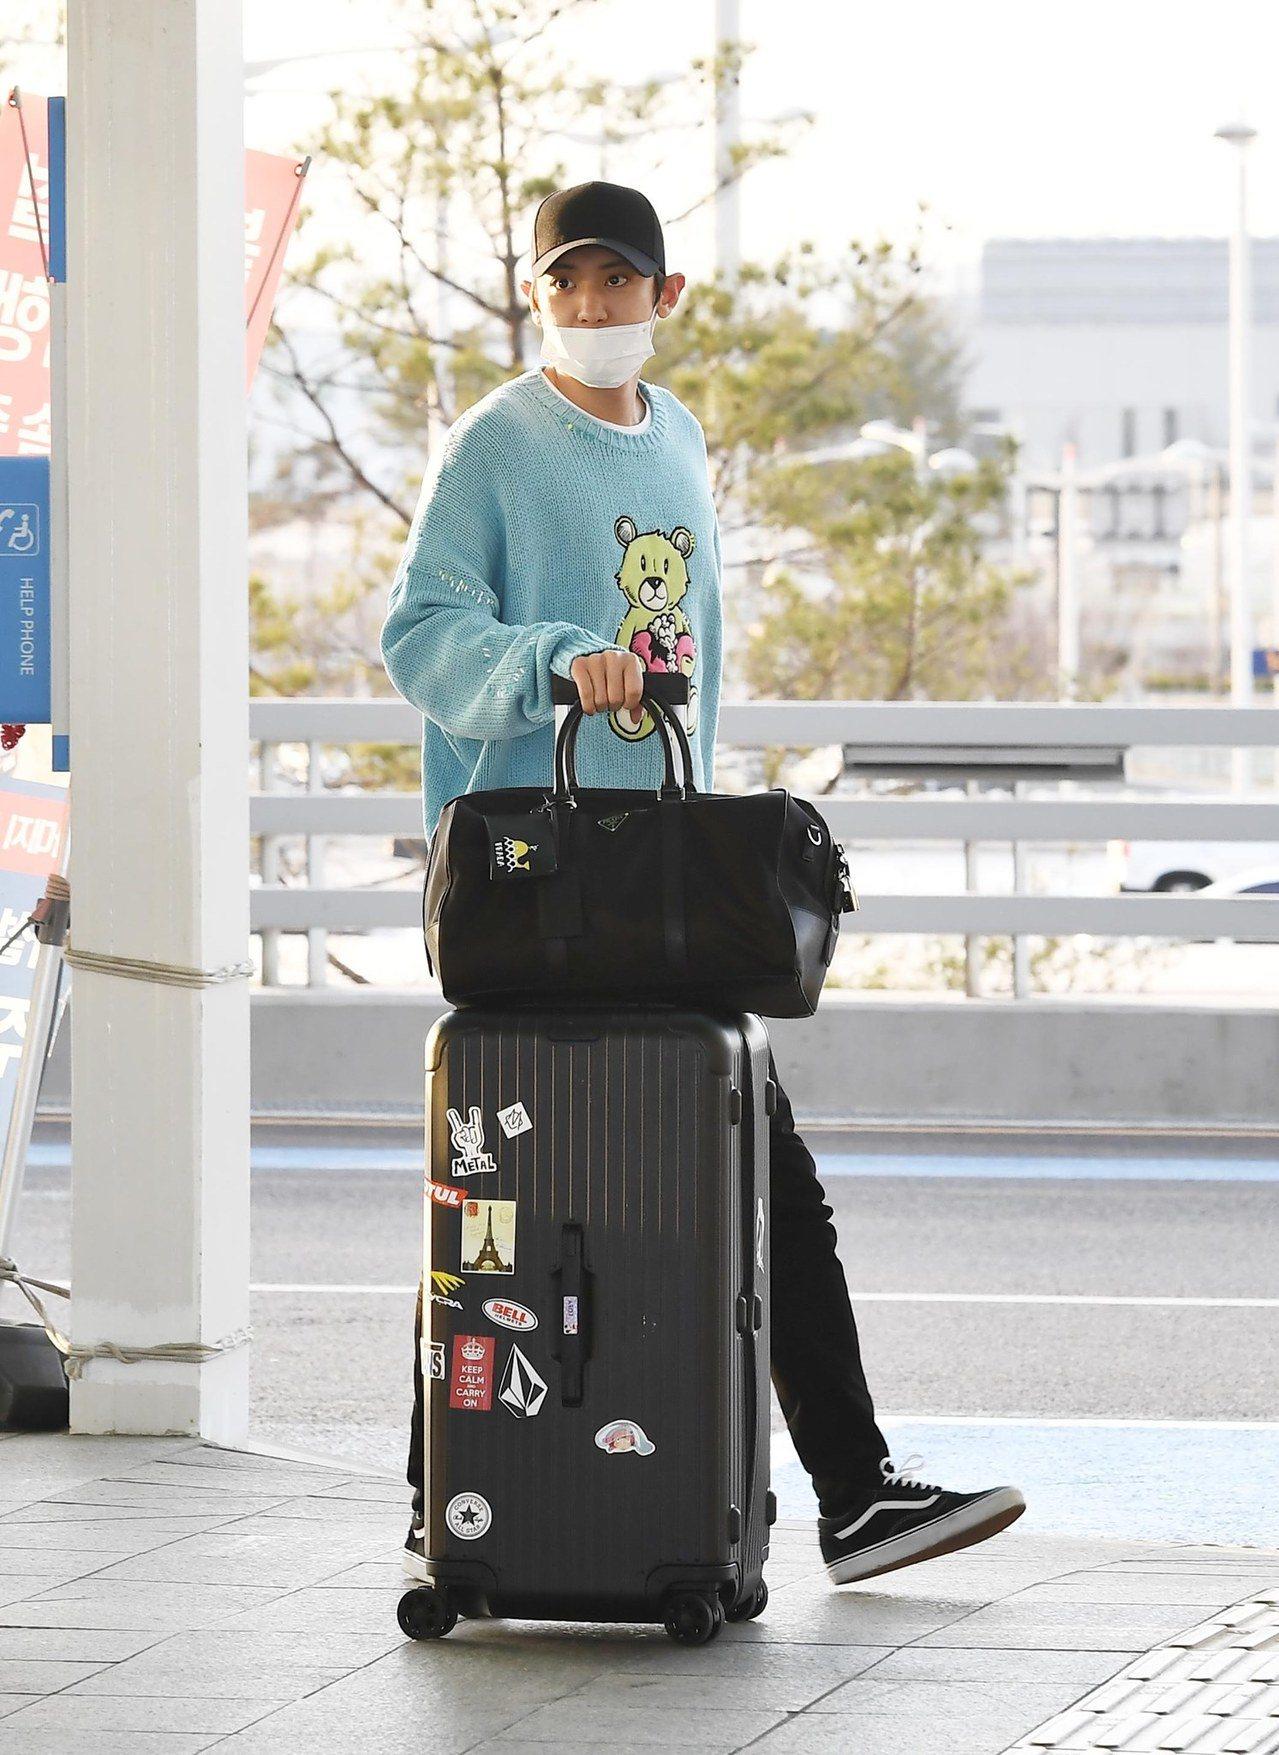 日前,朴燦烈Chanyeol現身機場時,一旁最顯眼的配件就是Rimowa Ess...